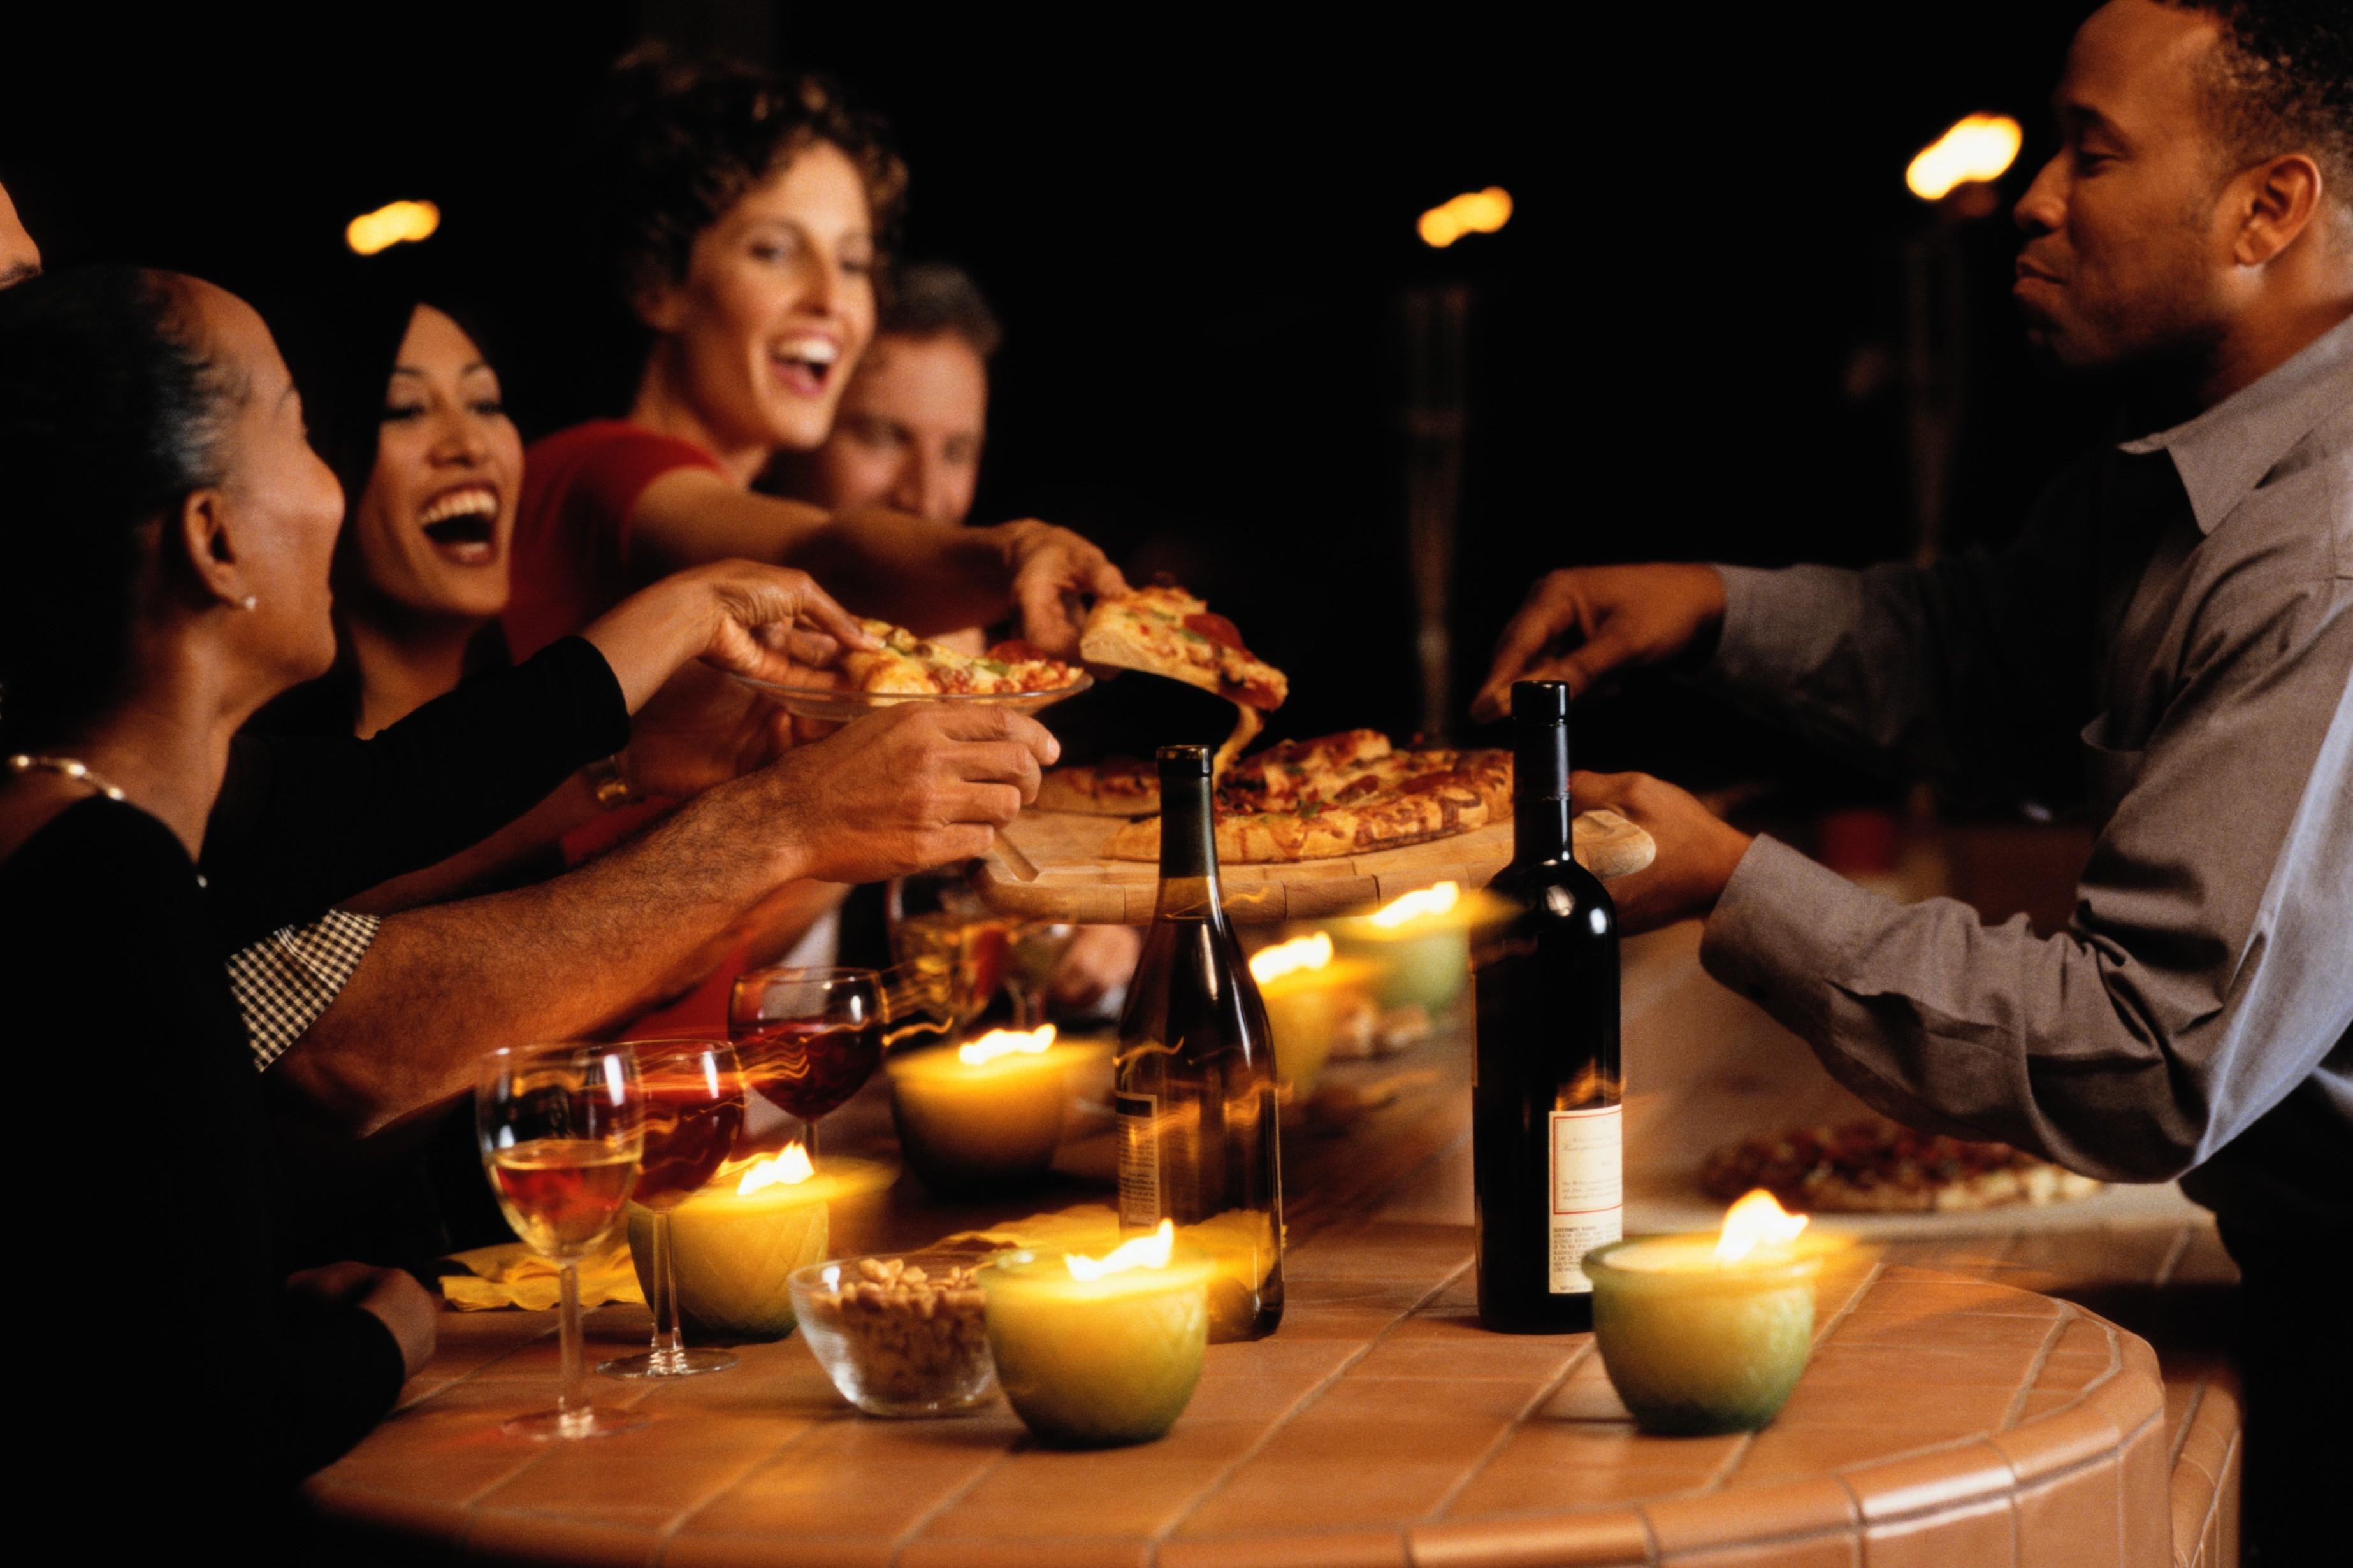 come-organizzare-una-serata-divertente_0d99abd01c24b14538bf32da8a9ef3f6